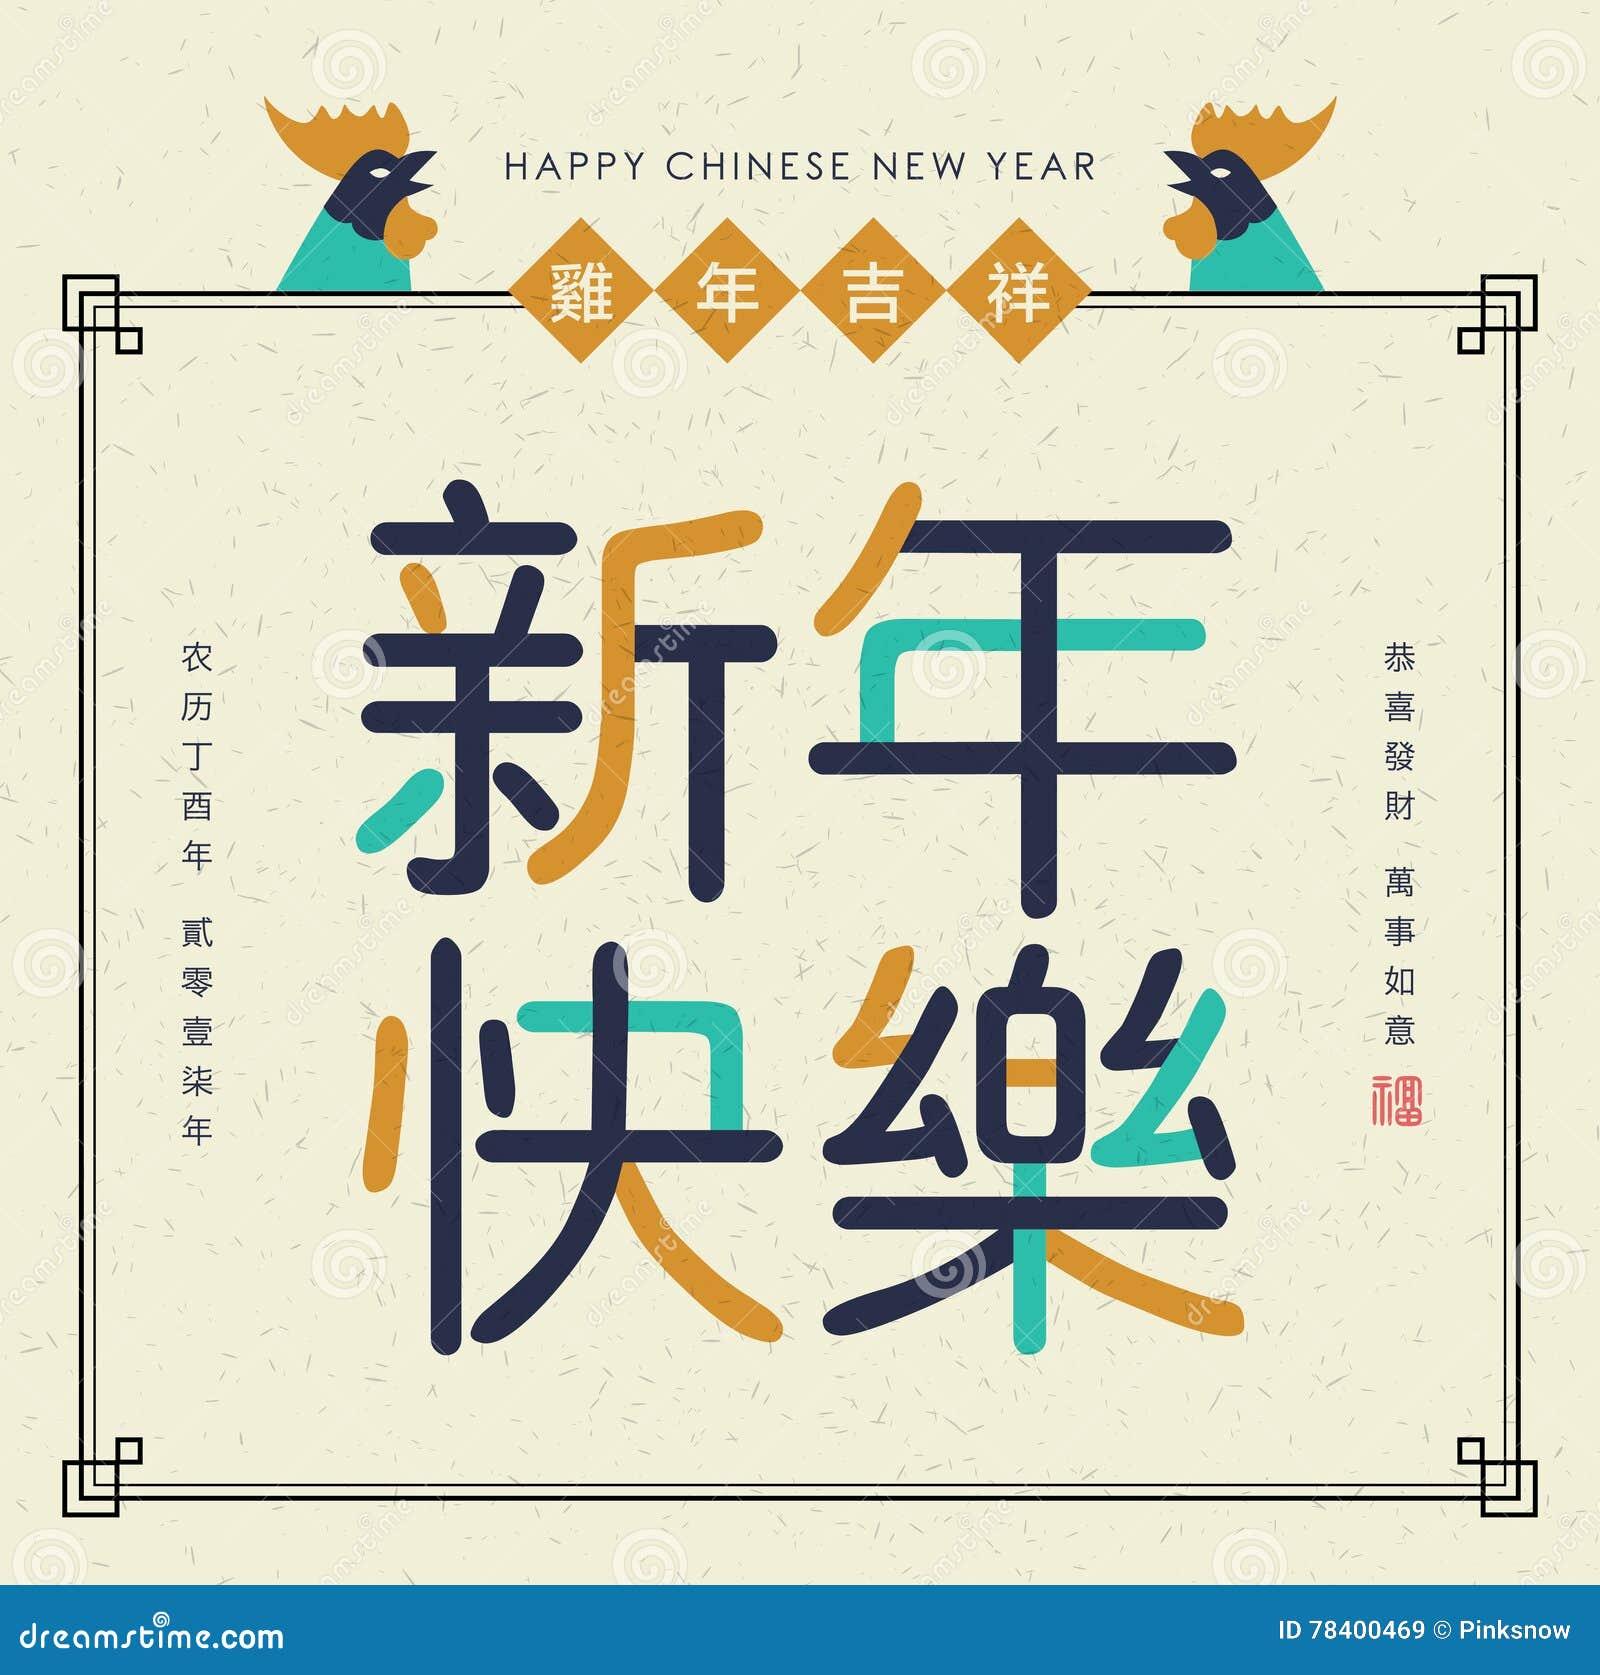 Lyckligt kinesiskt nytt år 2017!